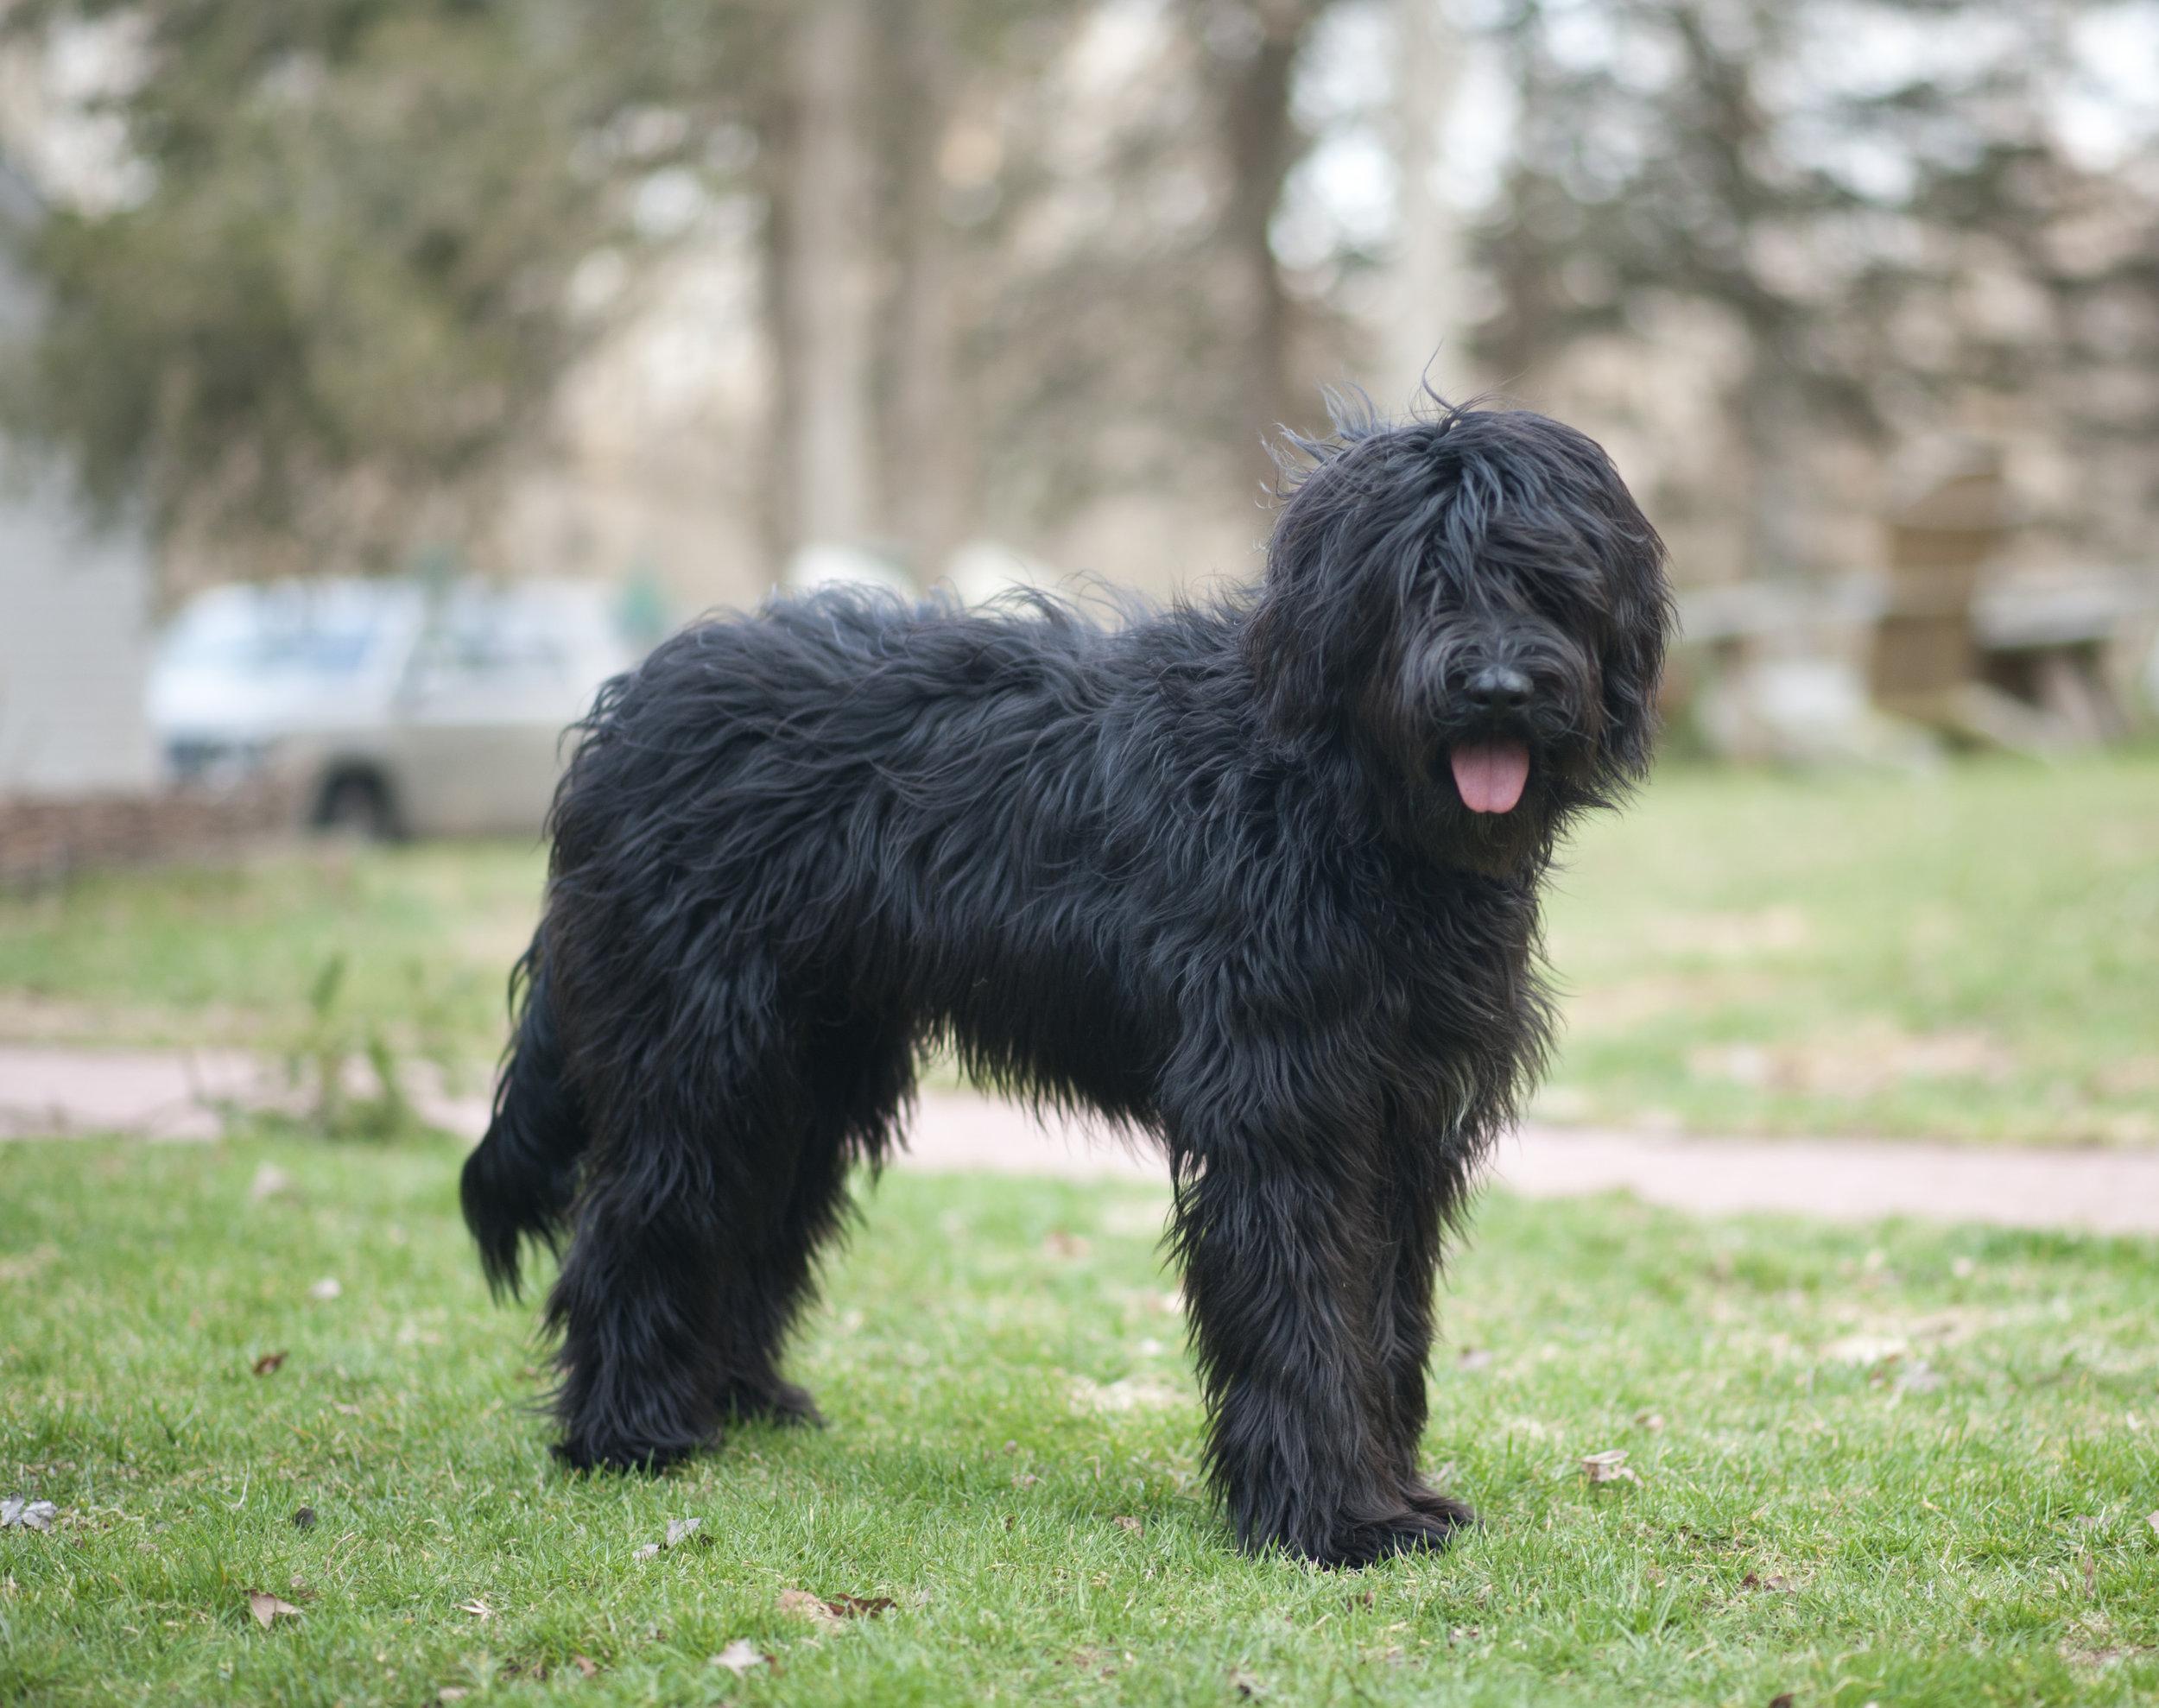 Black - 7 month old puppy